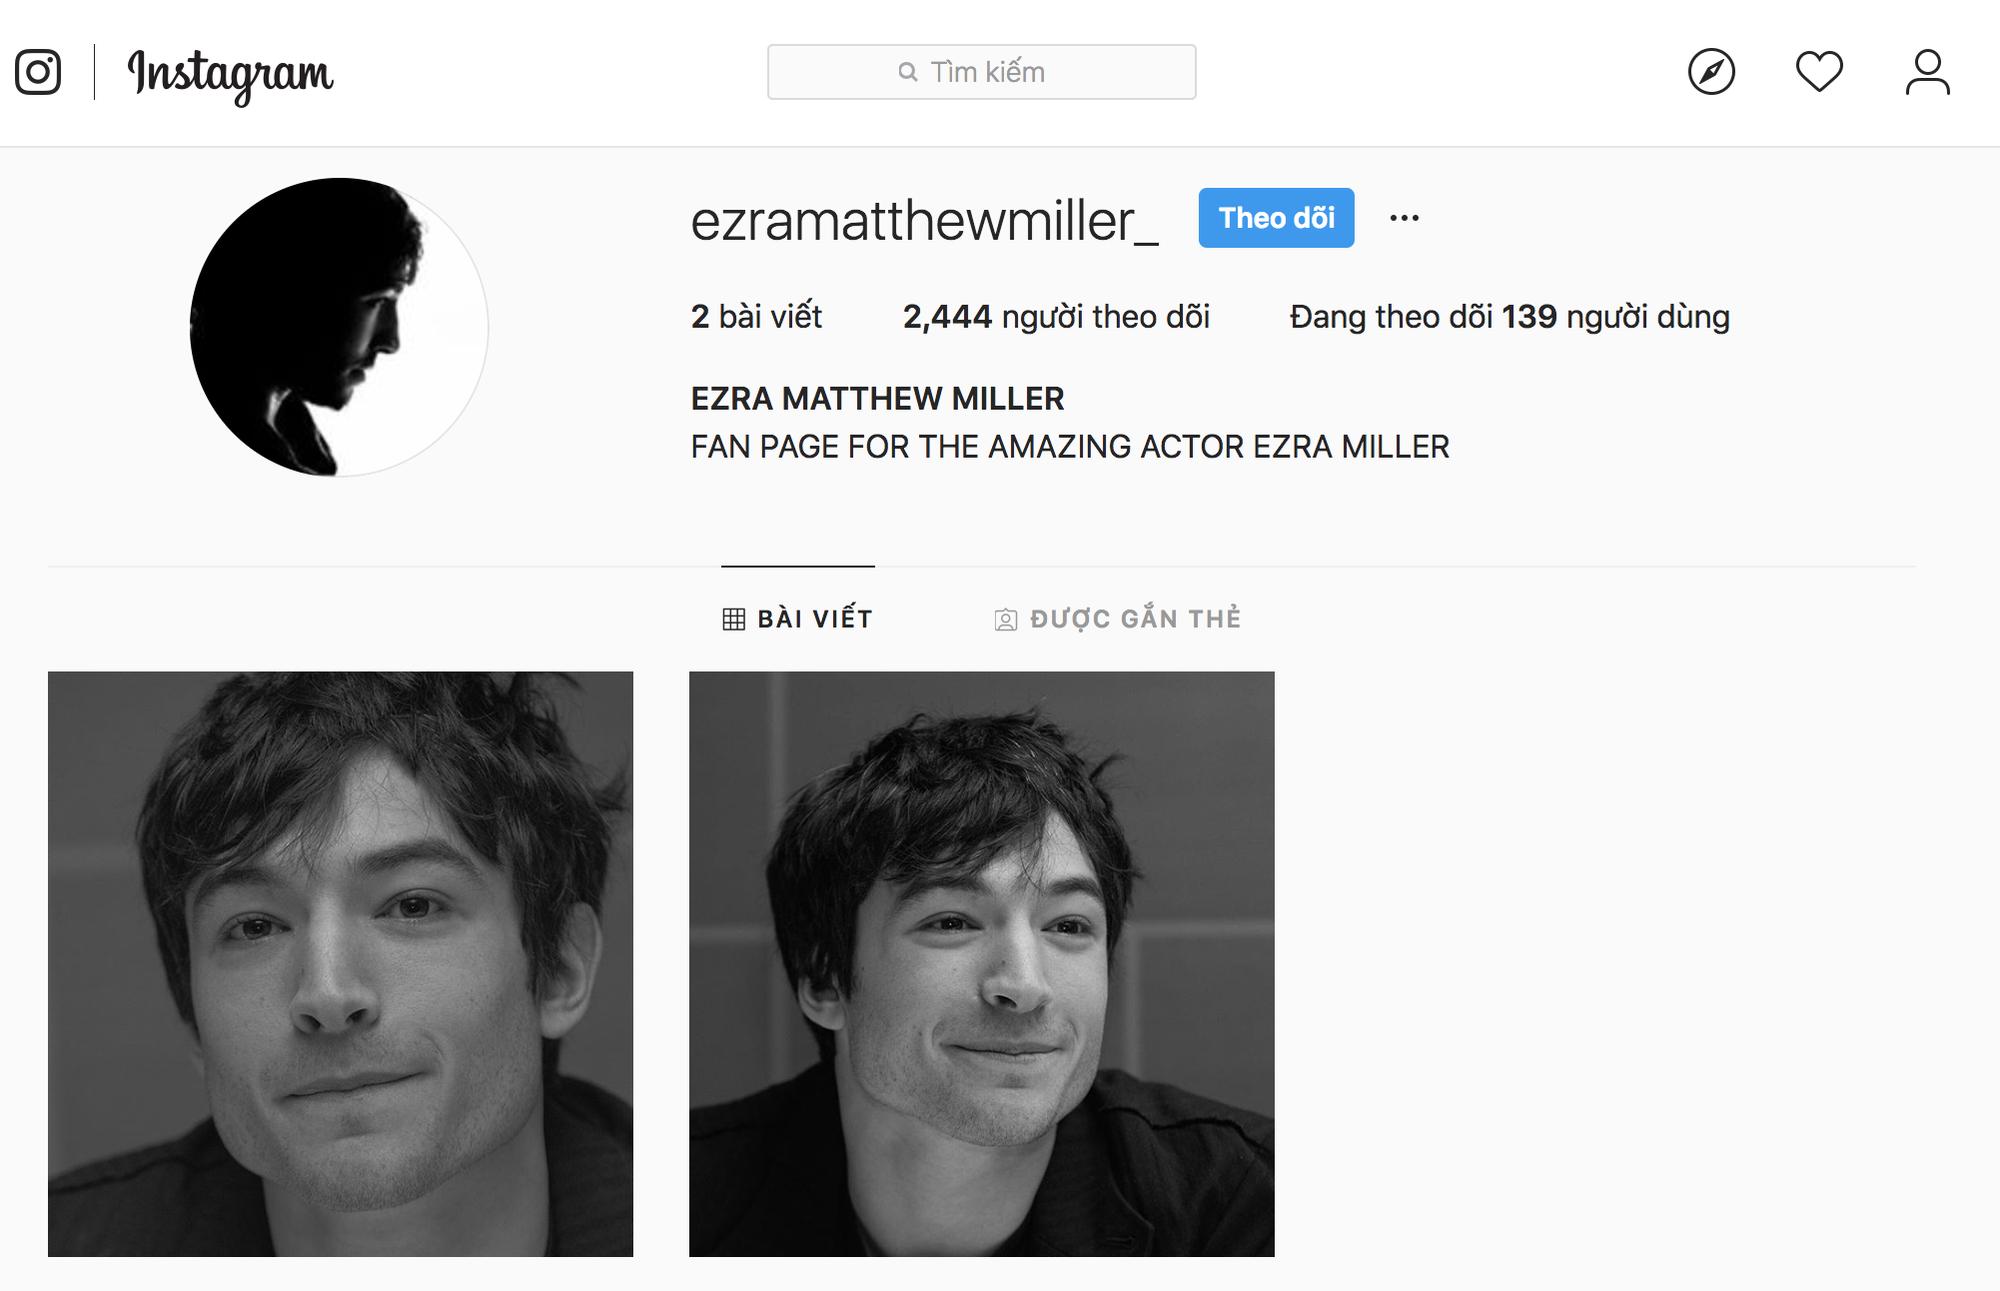 Hồ Ngọc Hà chụp hình với nam diễn viên Ezra Miller nhưng rất tiếc chị lại tag sai instagram của chính chủ rồi - Ảnh 3.